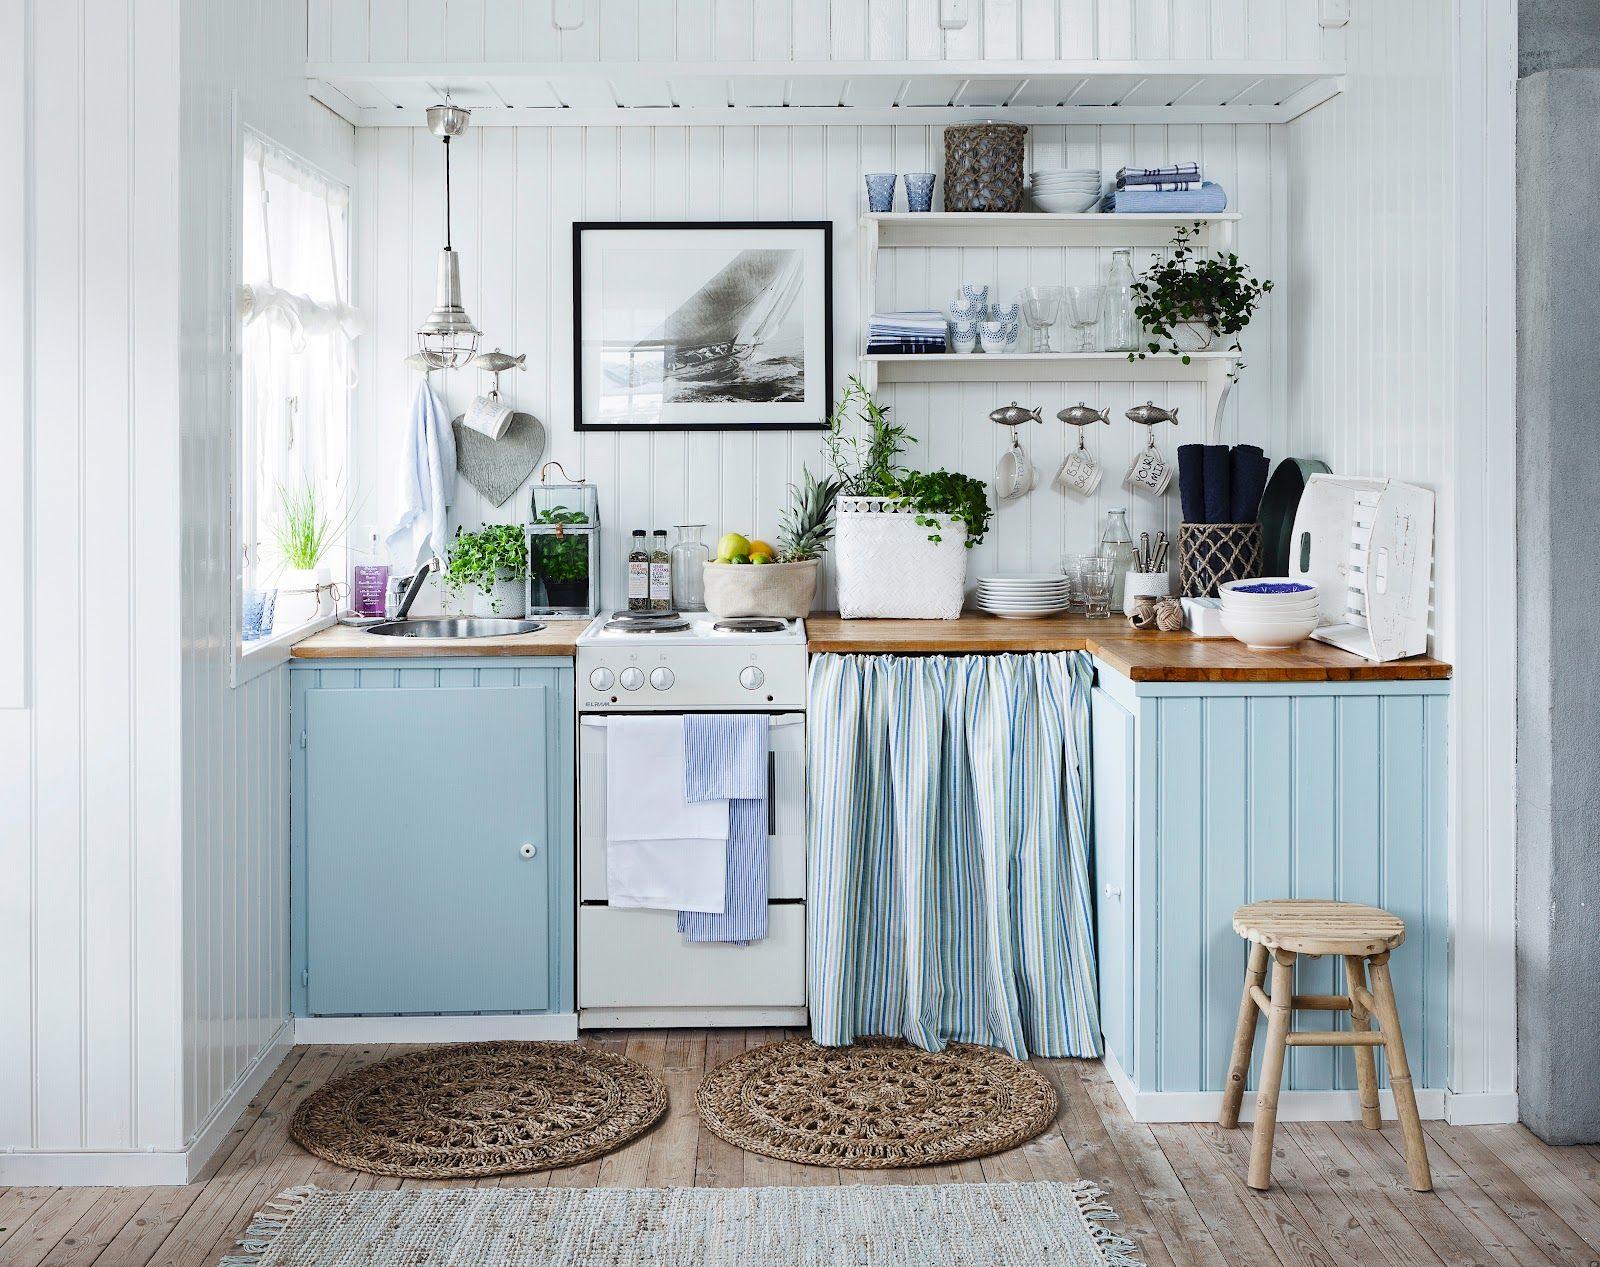 Blog Home and Cottage: Project: Sjøbod Langesund | BEACH COTTAGES ...